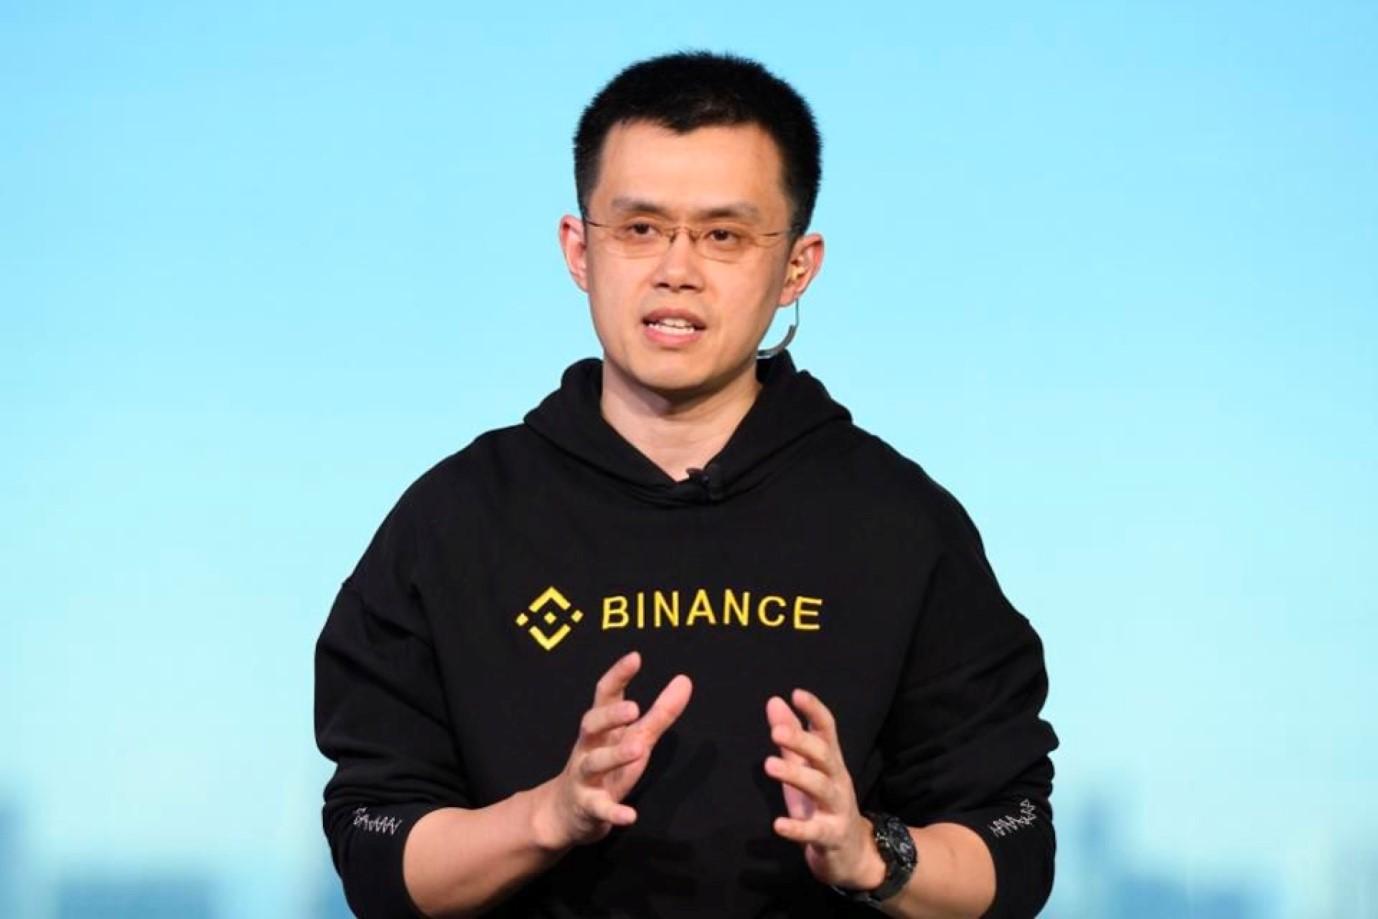 胡润全球富豪榜:区块链共有6位十亿美金企业家上榜 全球富豪榜_LibraNews_LibraNews网